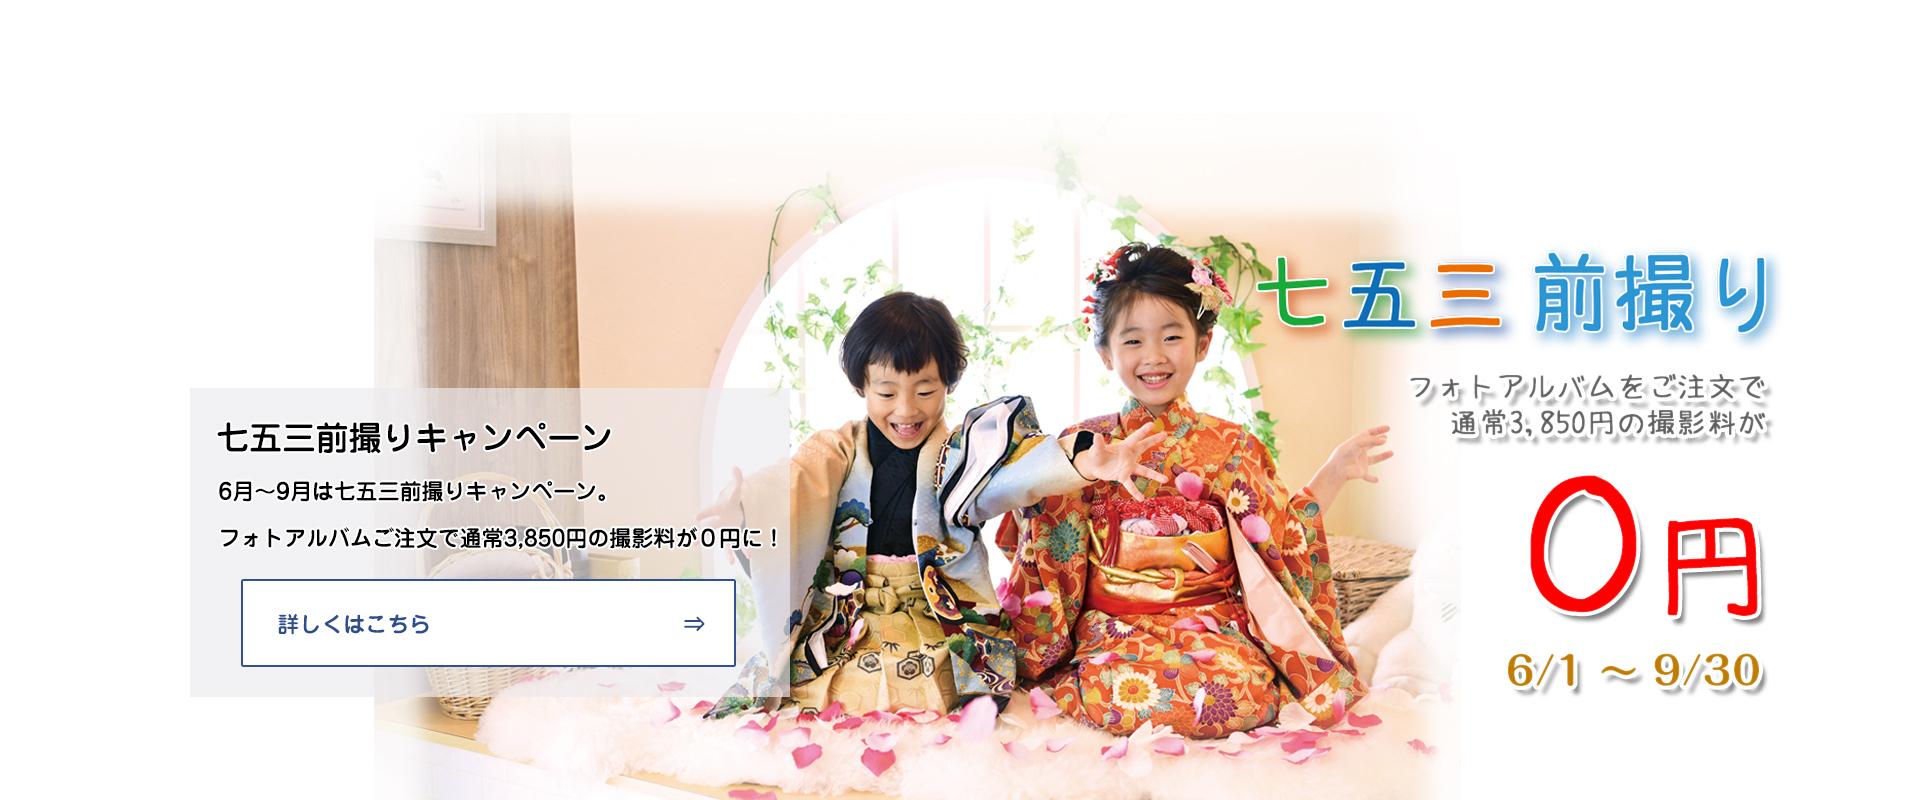 七五三前撮りキャンペーン 撮影料3,850円が0円に!!